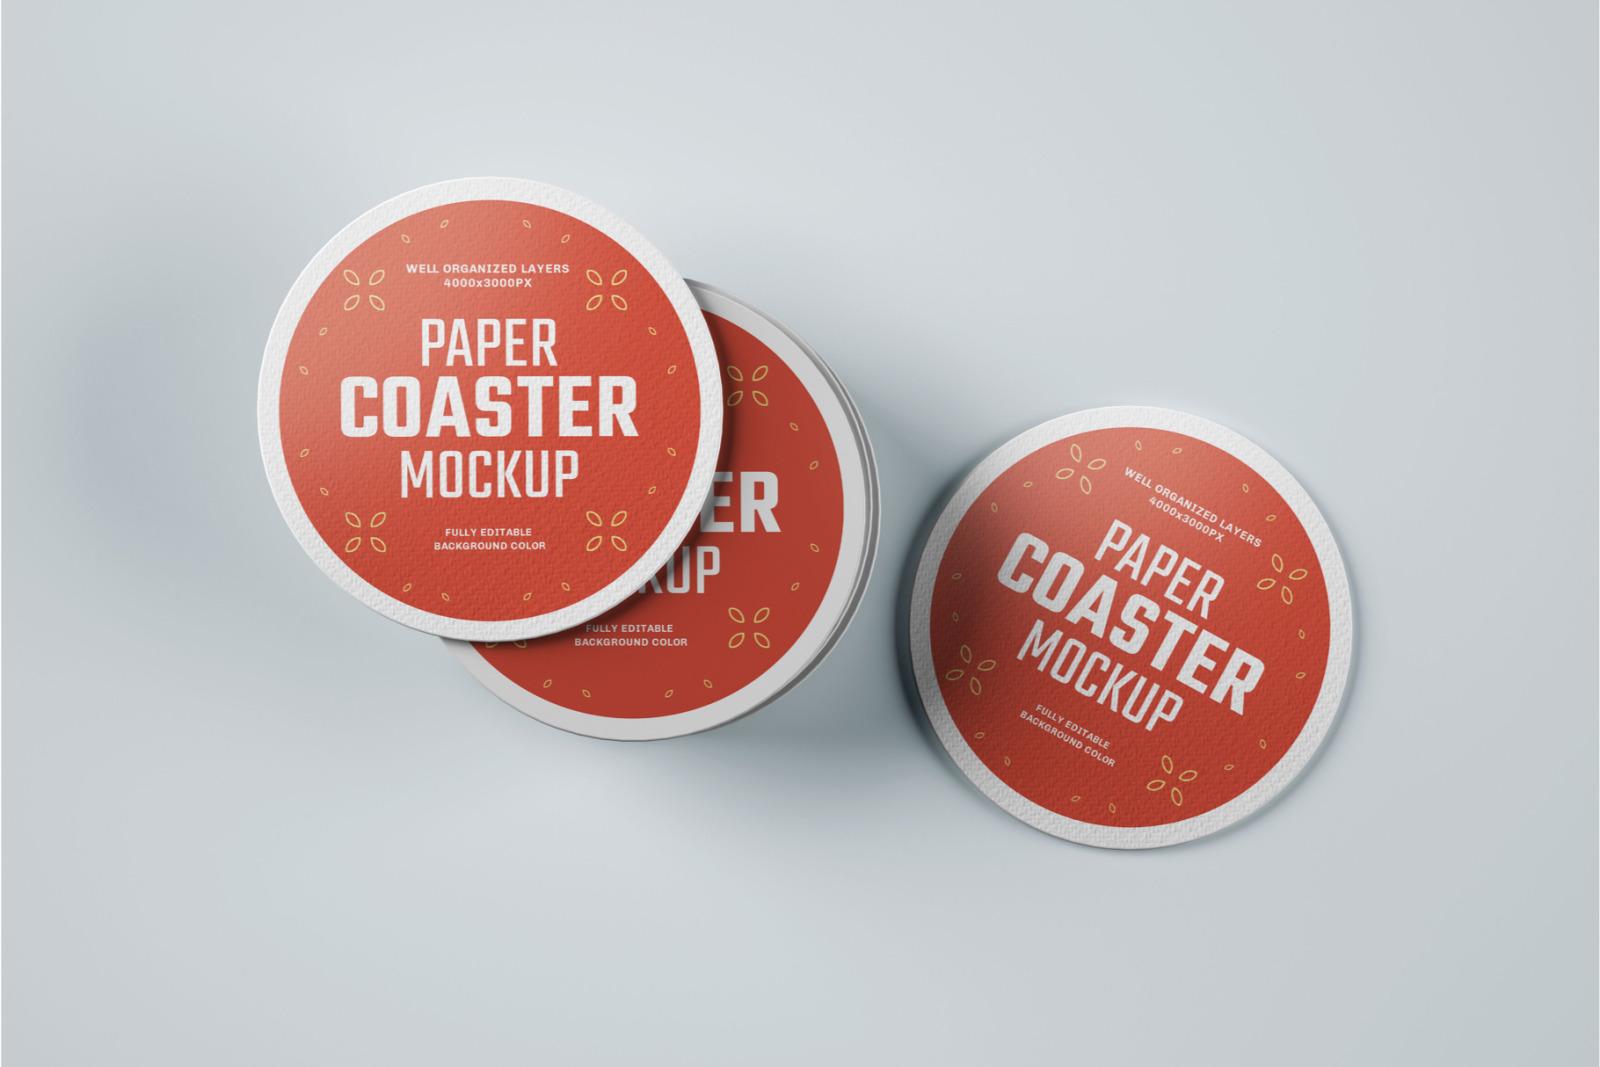 33 Paper Beverage Coaster Mockup Set